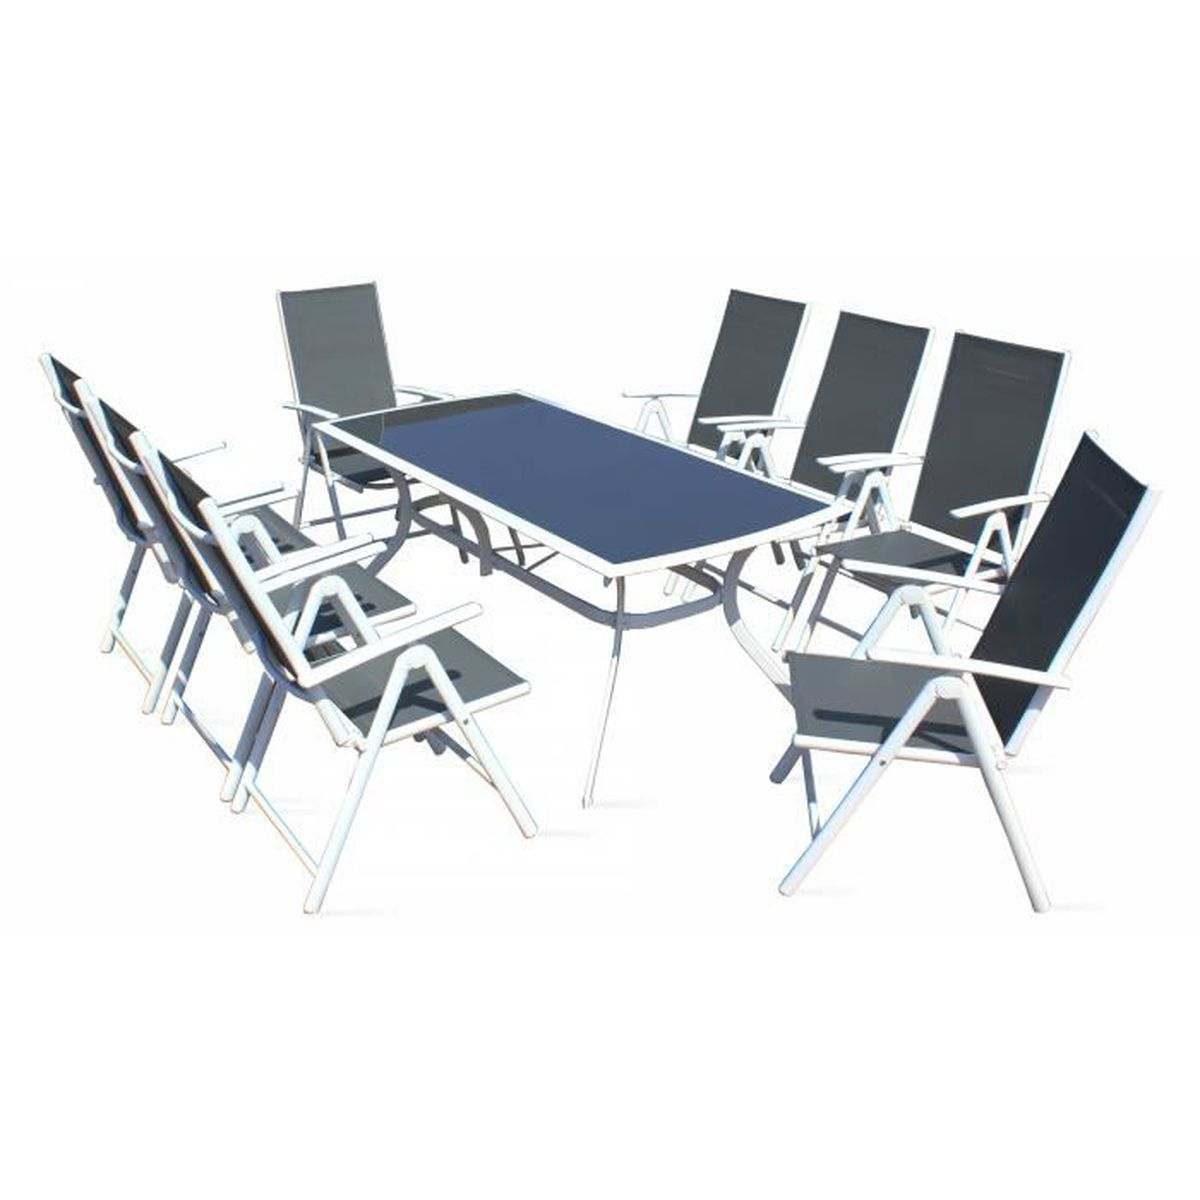 Table et chaises de jardin - 8 fauteuils pliants - Aluminium ...